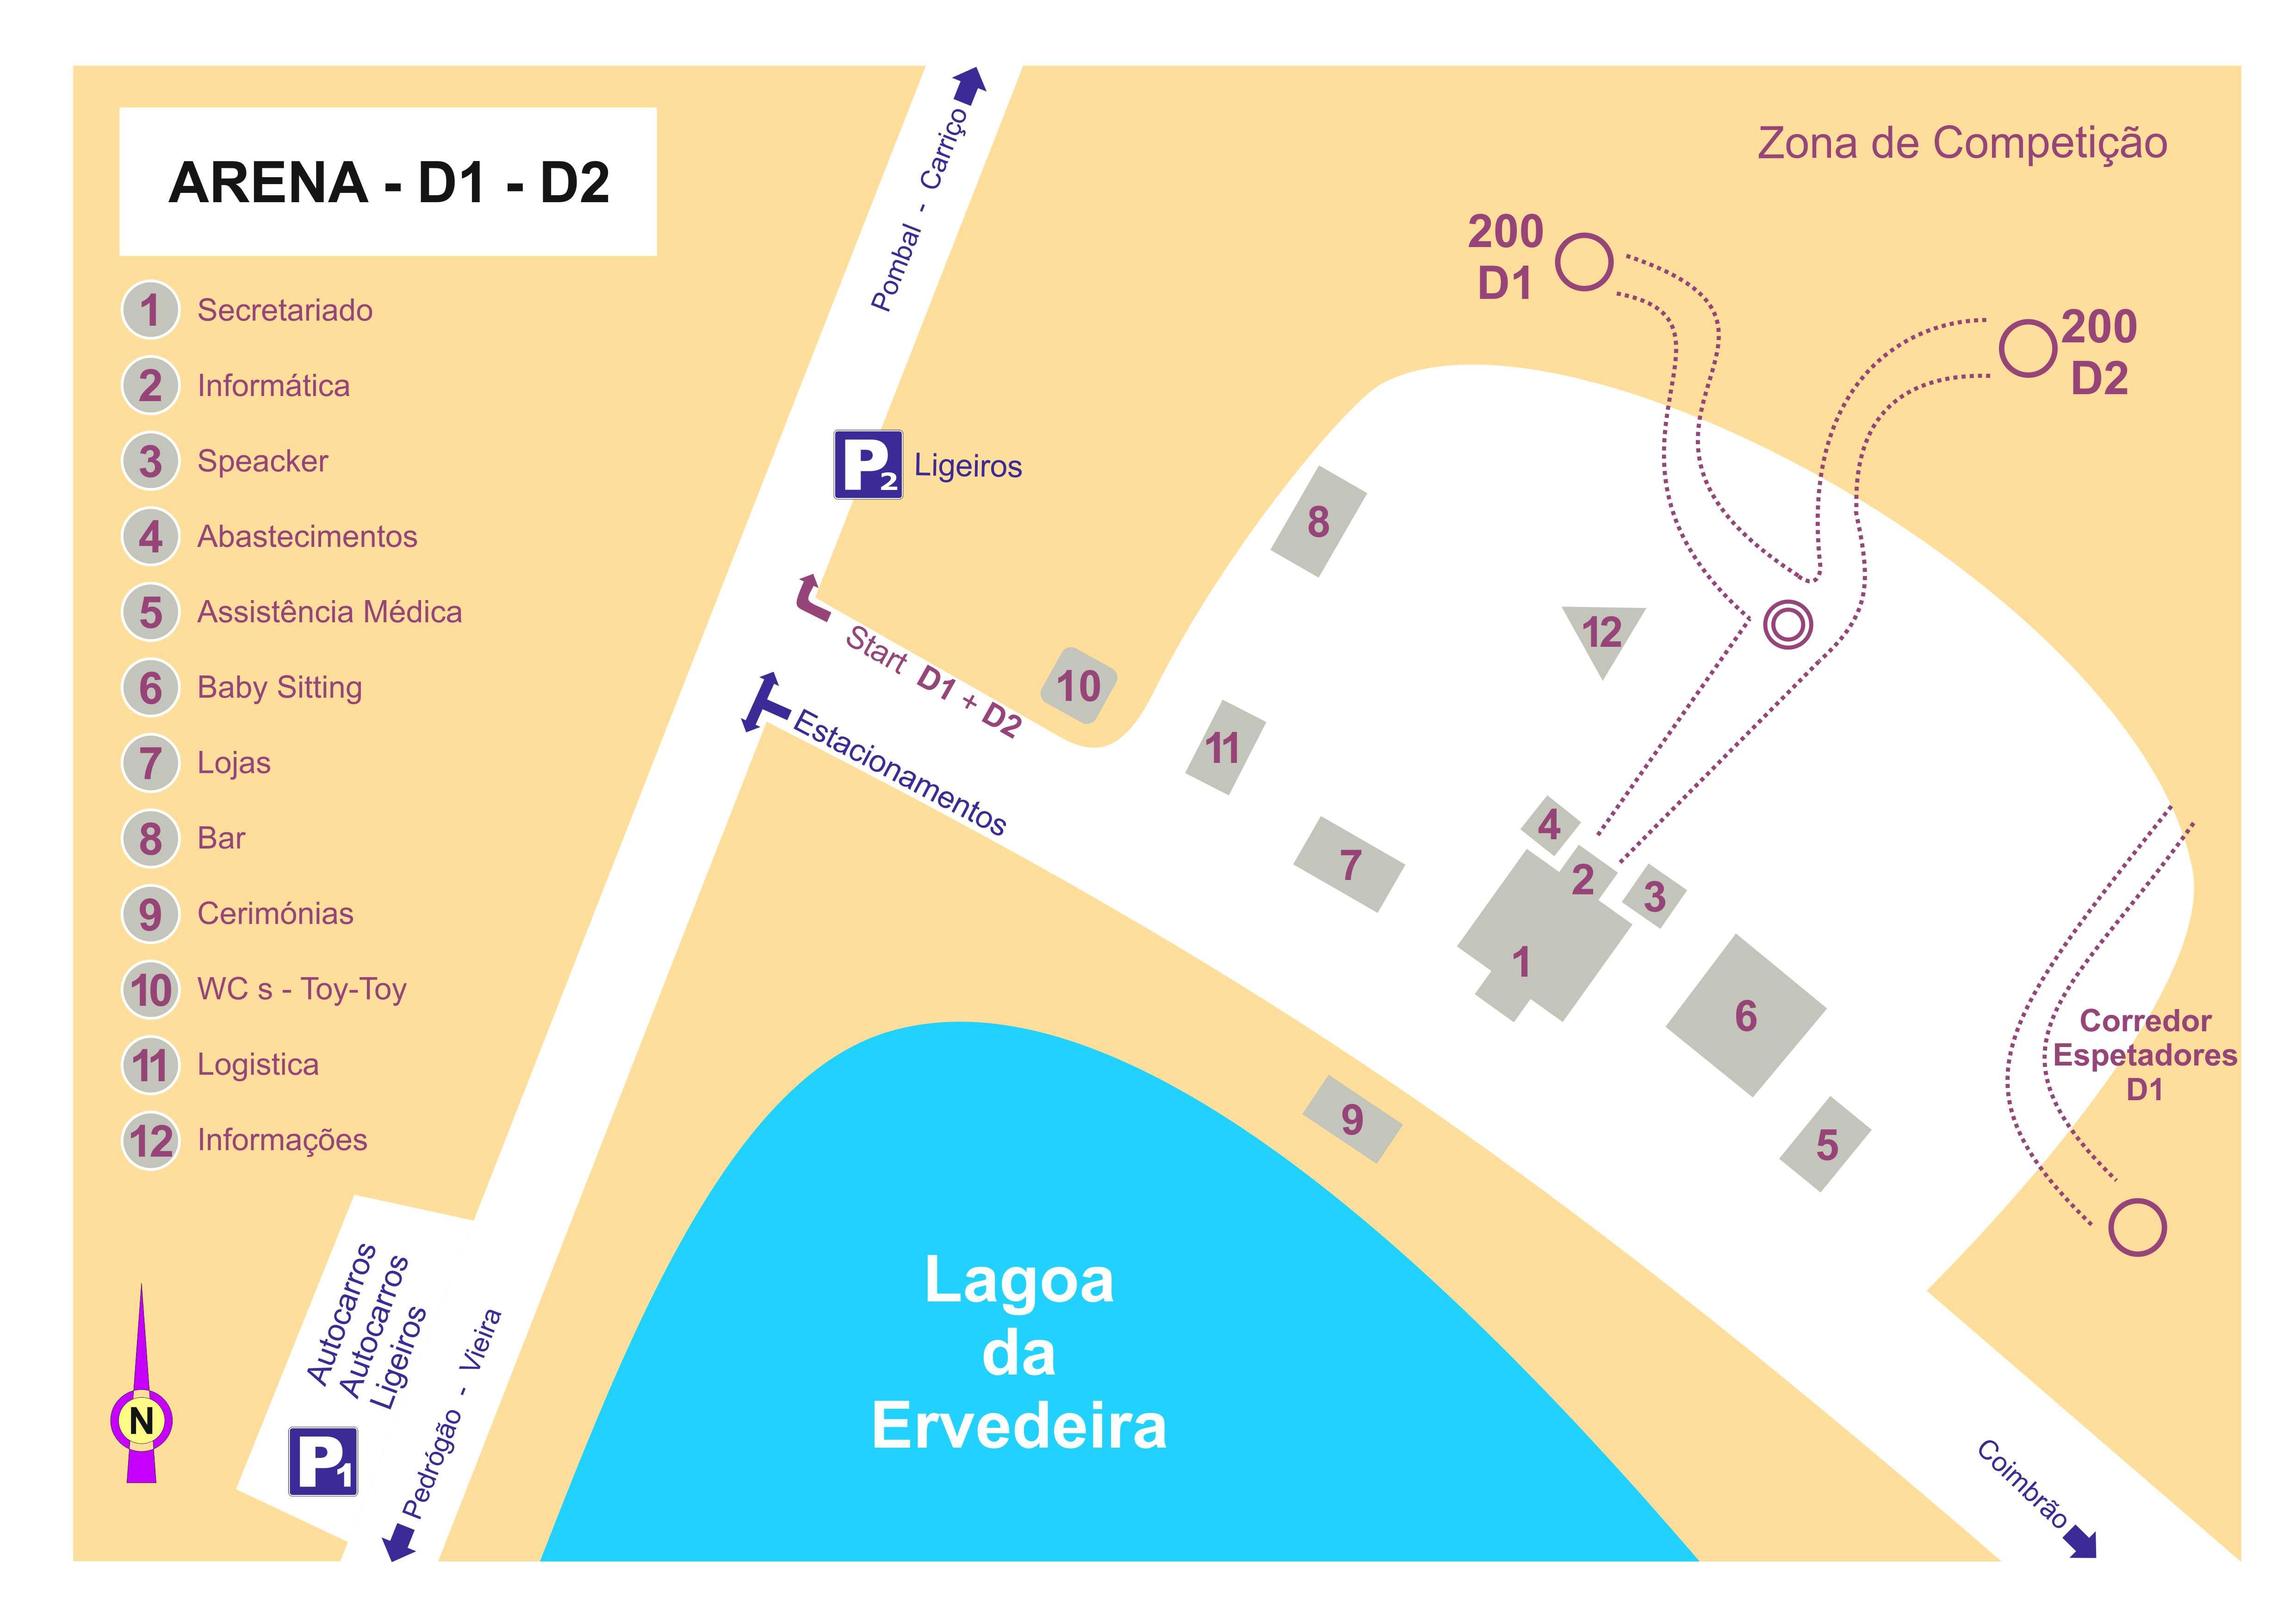 arena_d1_d2_layout_v20nov